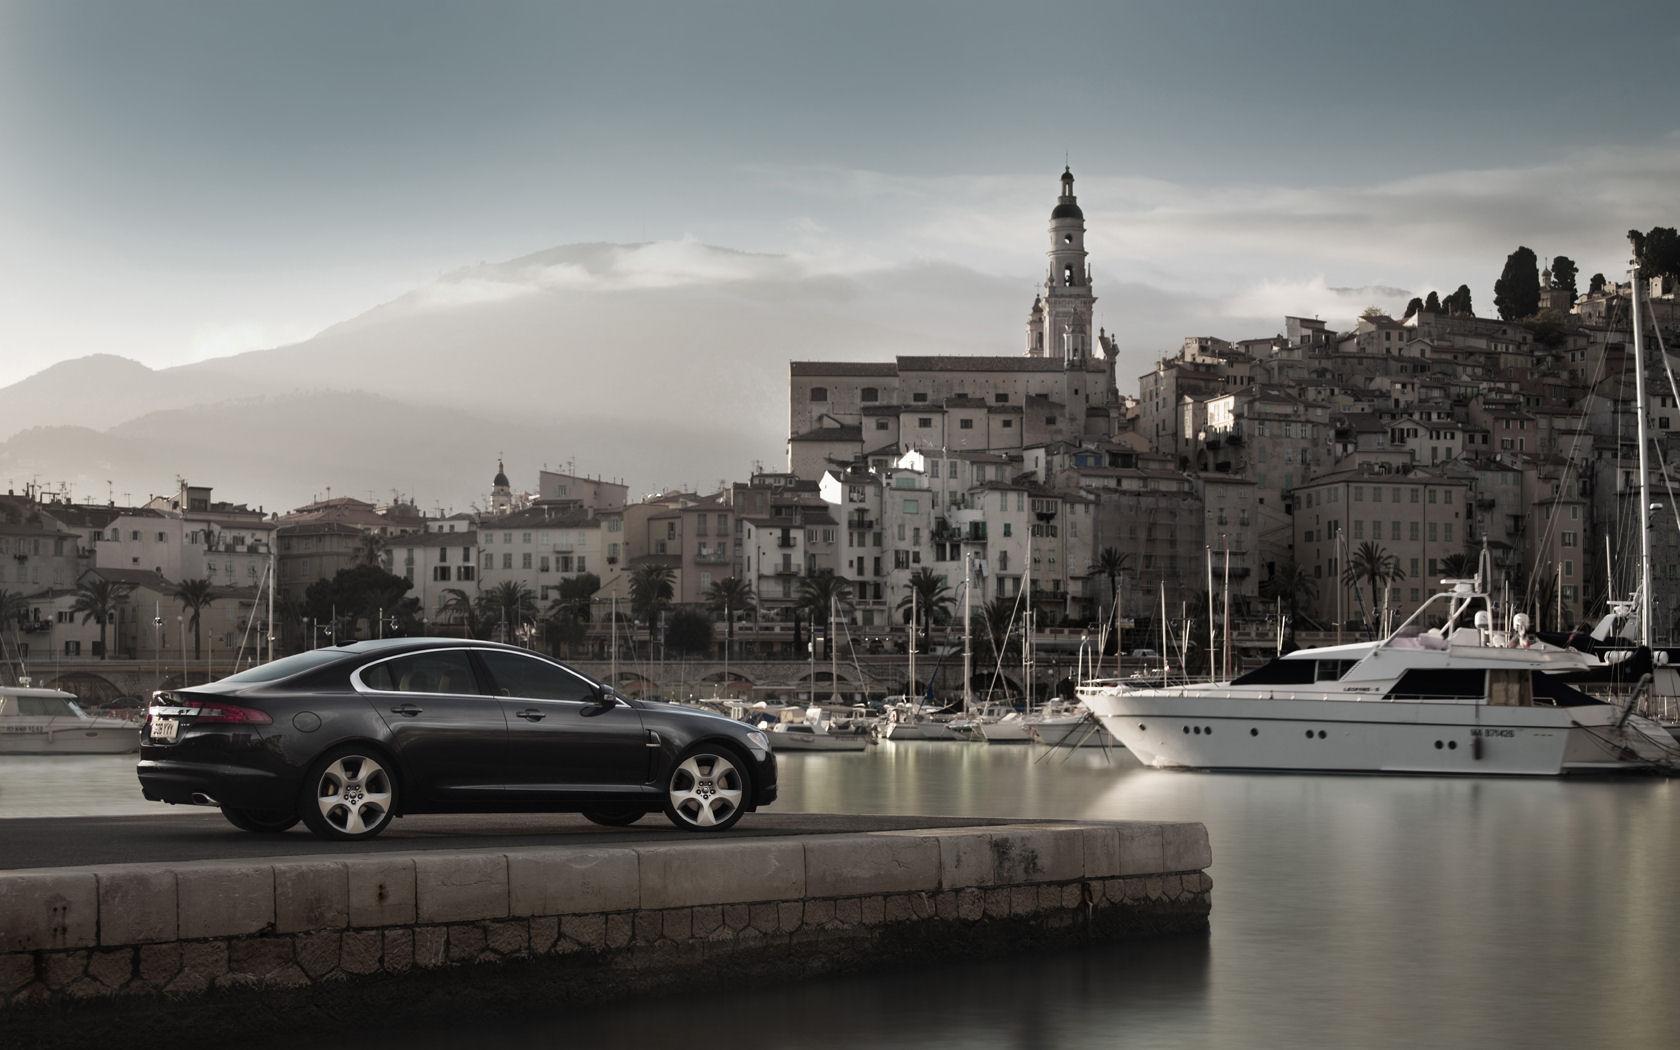 Jaguar XF Wallpaper